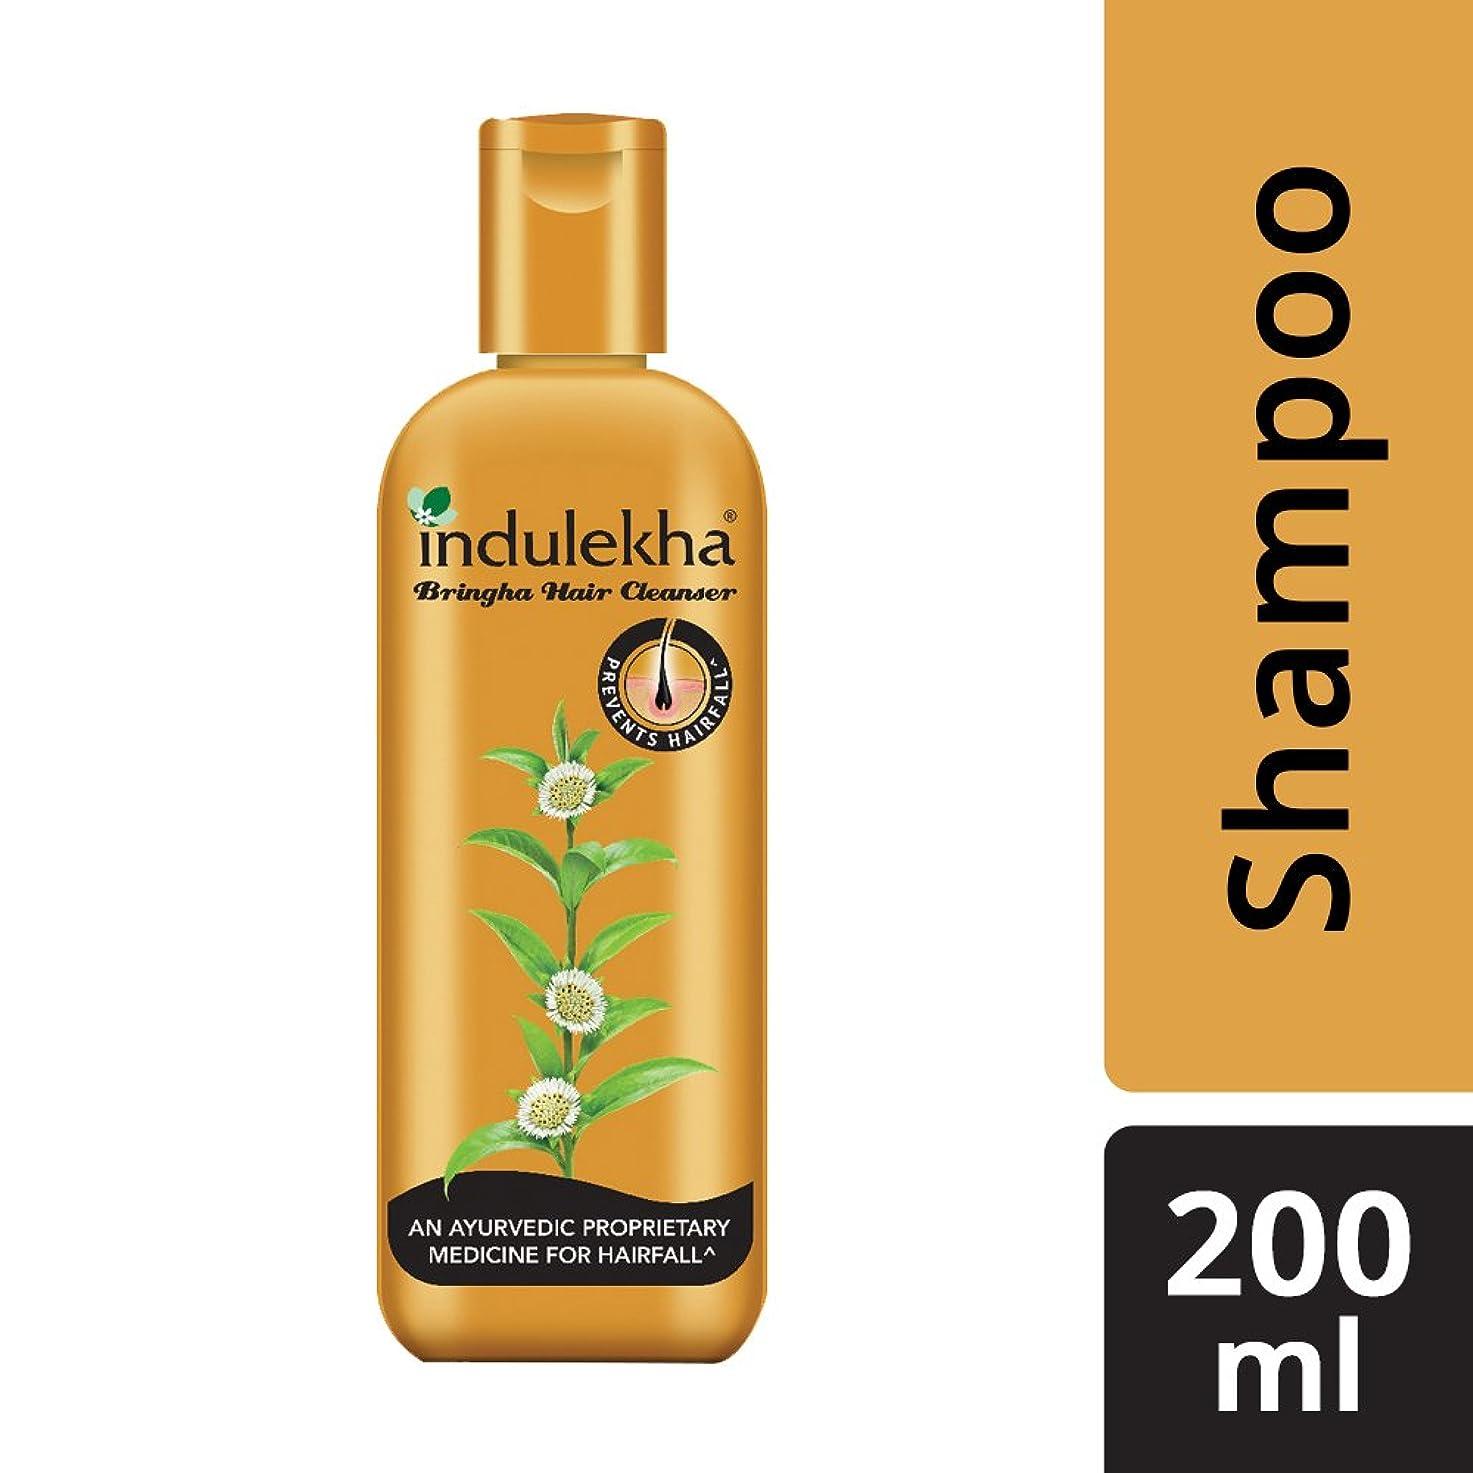 医療過誤リーン補充Indulekha Bringha Anti Hair Fall Shampoo (Hair Cleanser) 200ml, 6.76 oz - 並行輸入品 - イニディカ?ブリンガアンチヘアフォールシャンプー(ヘアクレンザー)200ml、6.76oz